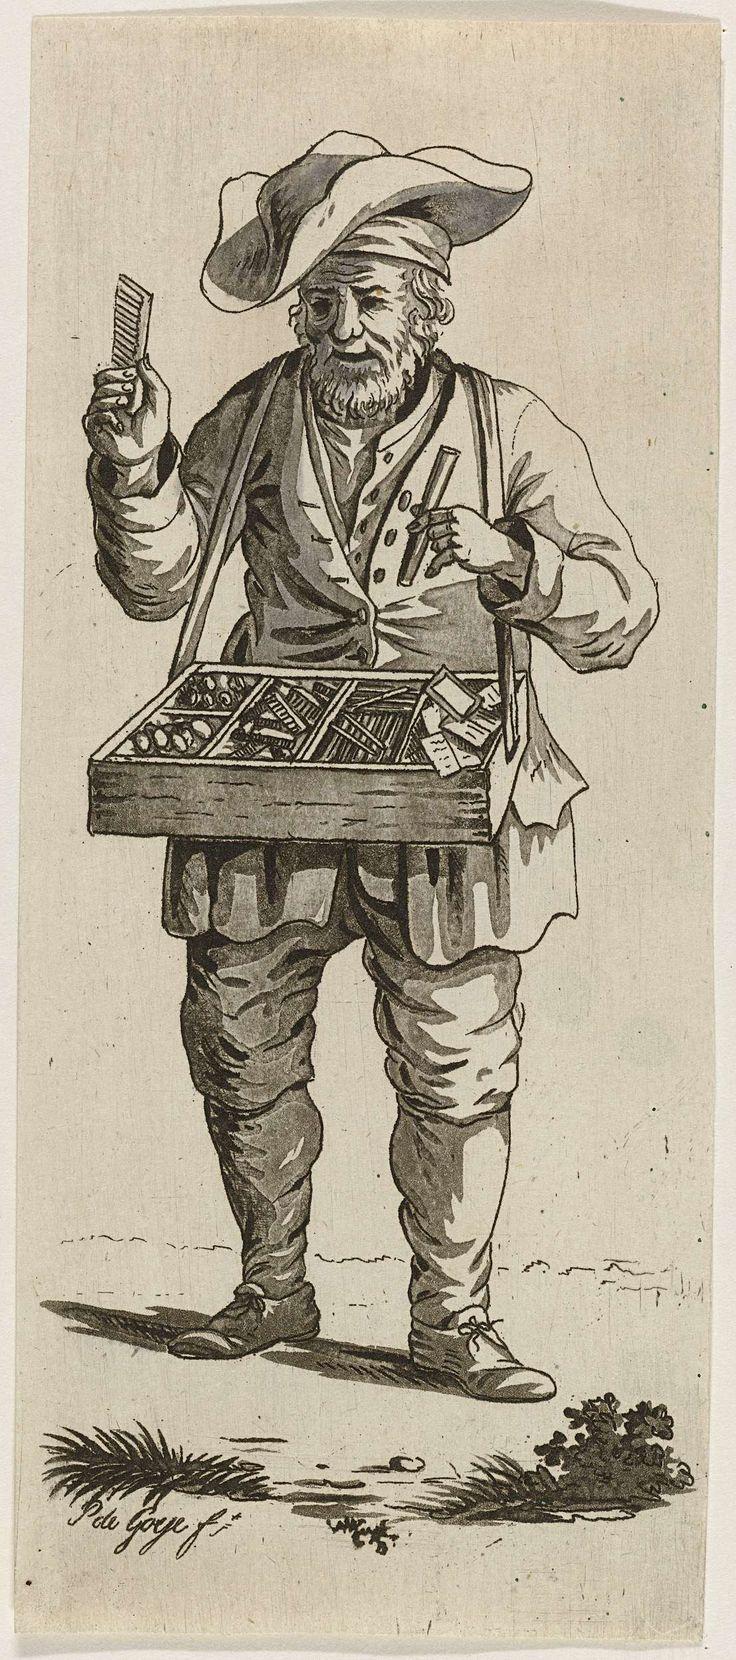 Pieter de Goeje | Marskramer, Pieter de Goeje, 1789 - 1859 | Een marskramer met een grote hoed verkoopt allerlei snuisterijen uit een mars, onder andere kammetjes en spiegeltjes.